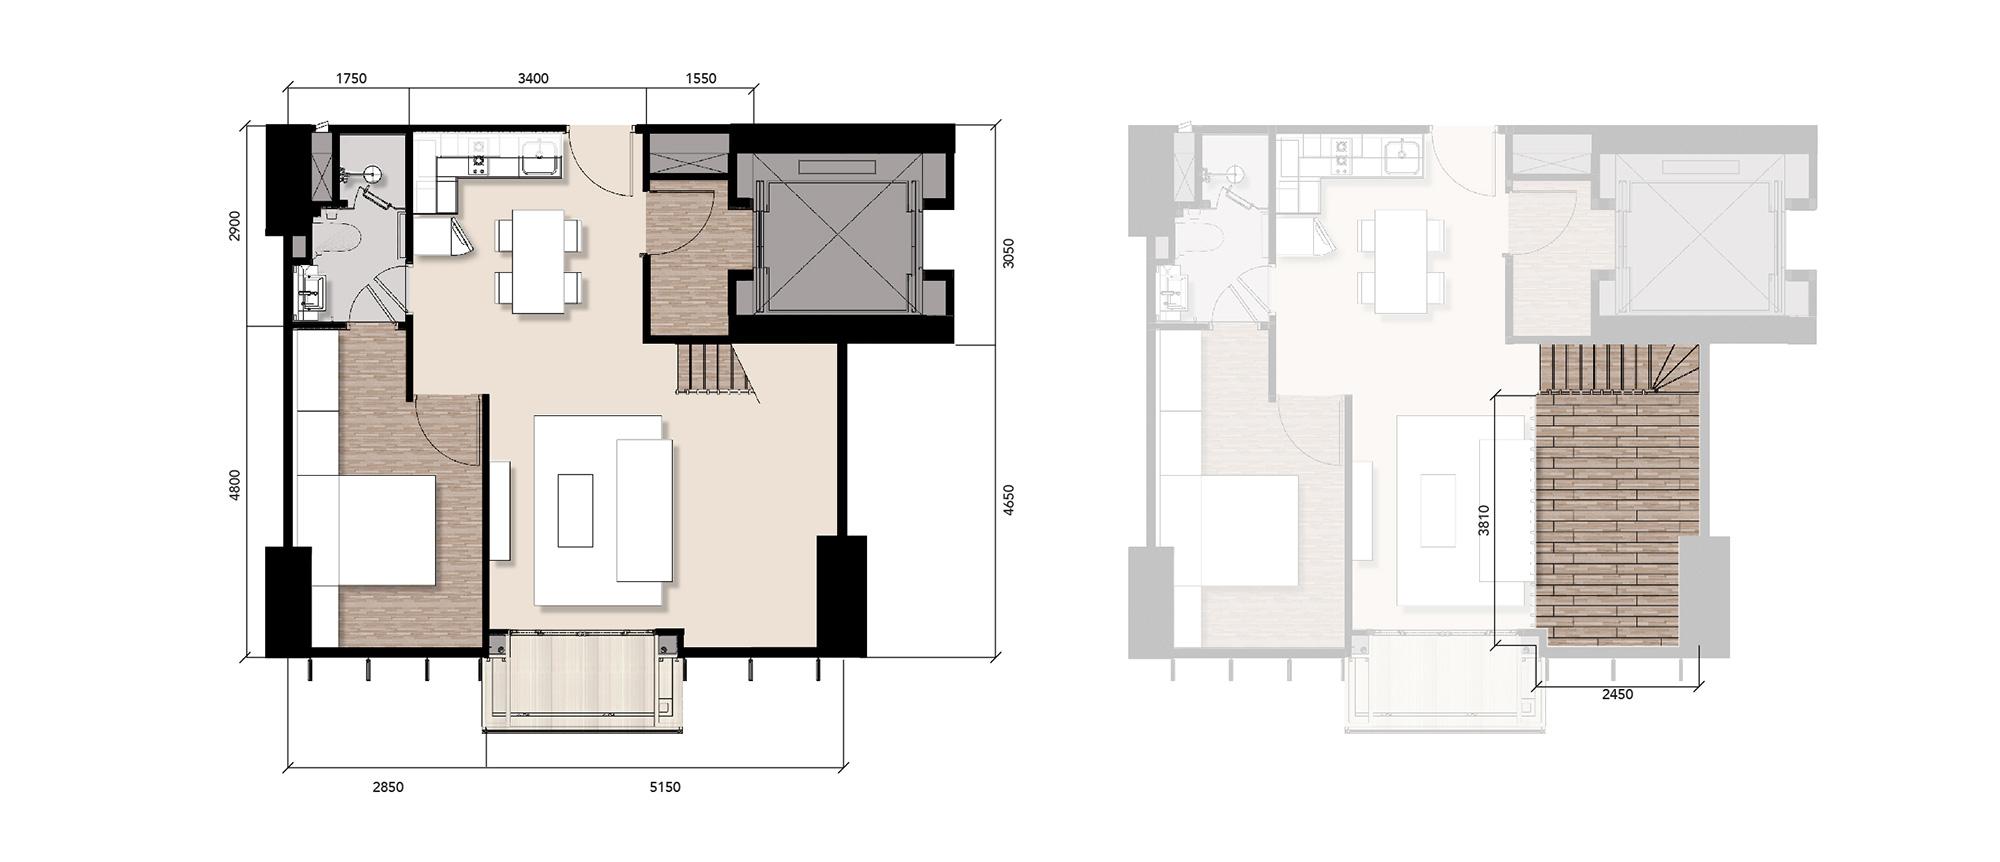 kaze-floorplan-2Bed-V2